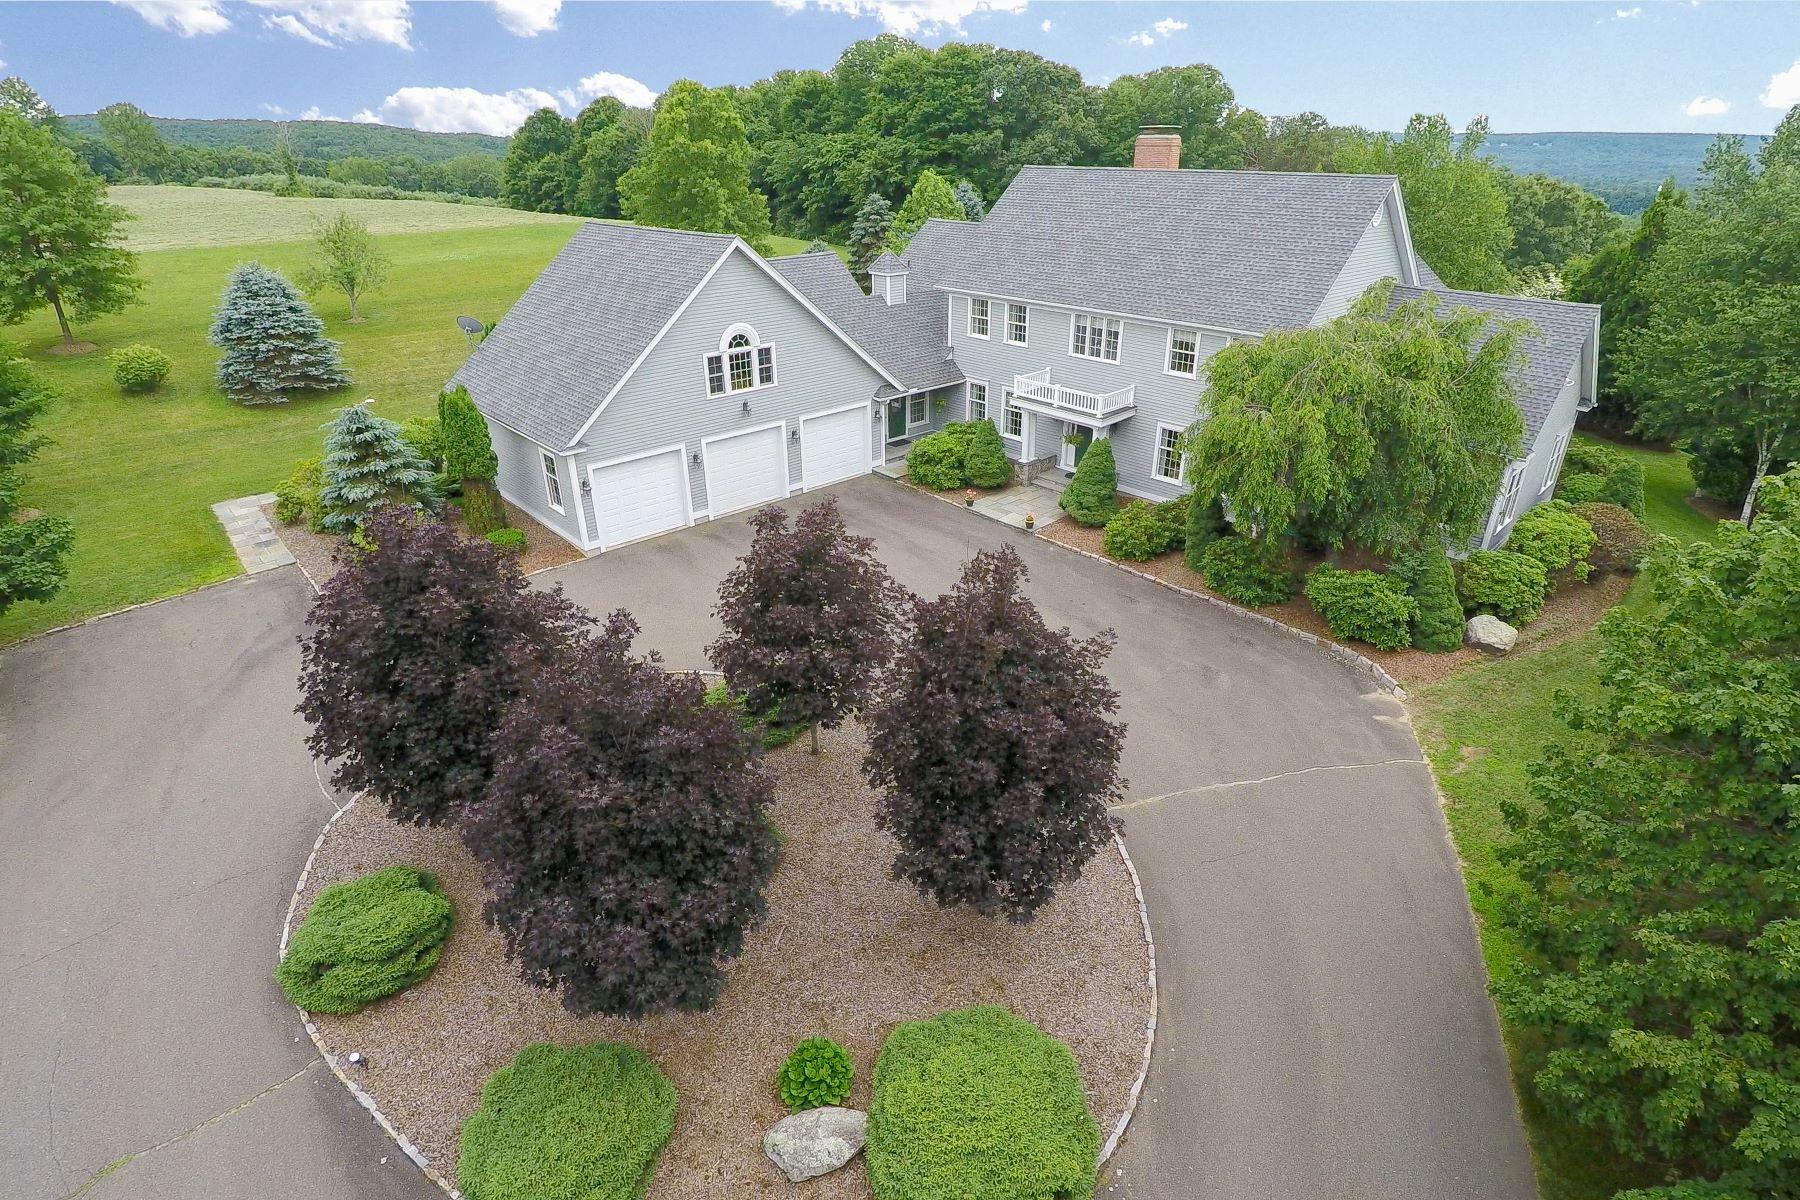 Maison unifamiliale pour l Vente à Exclusive Estate 162 Middle Road Tpke Woodbury, Connecticut, 06798 États-Unis